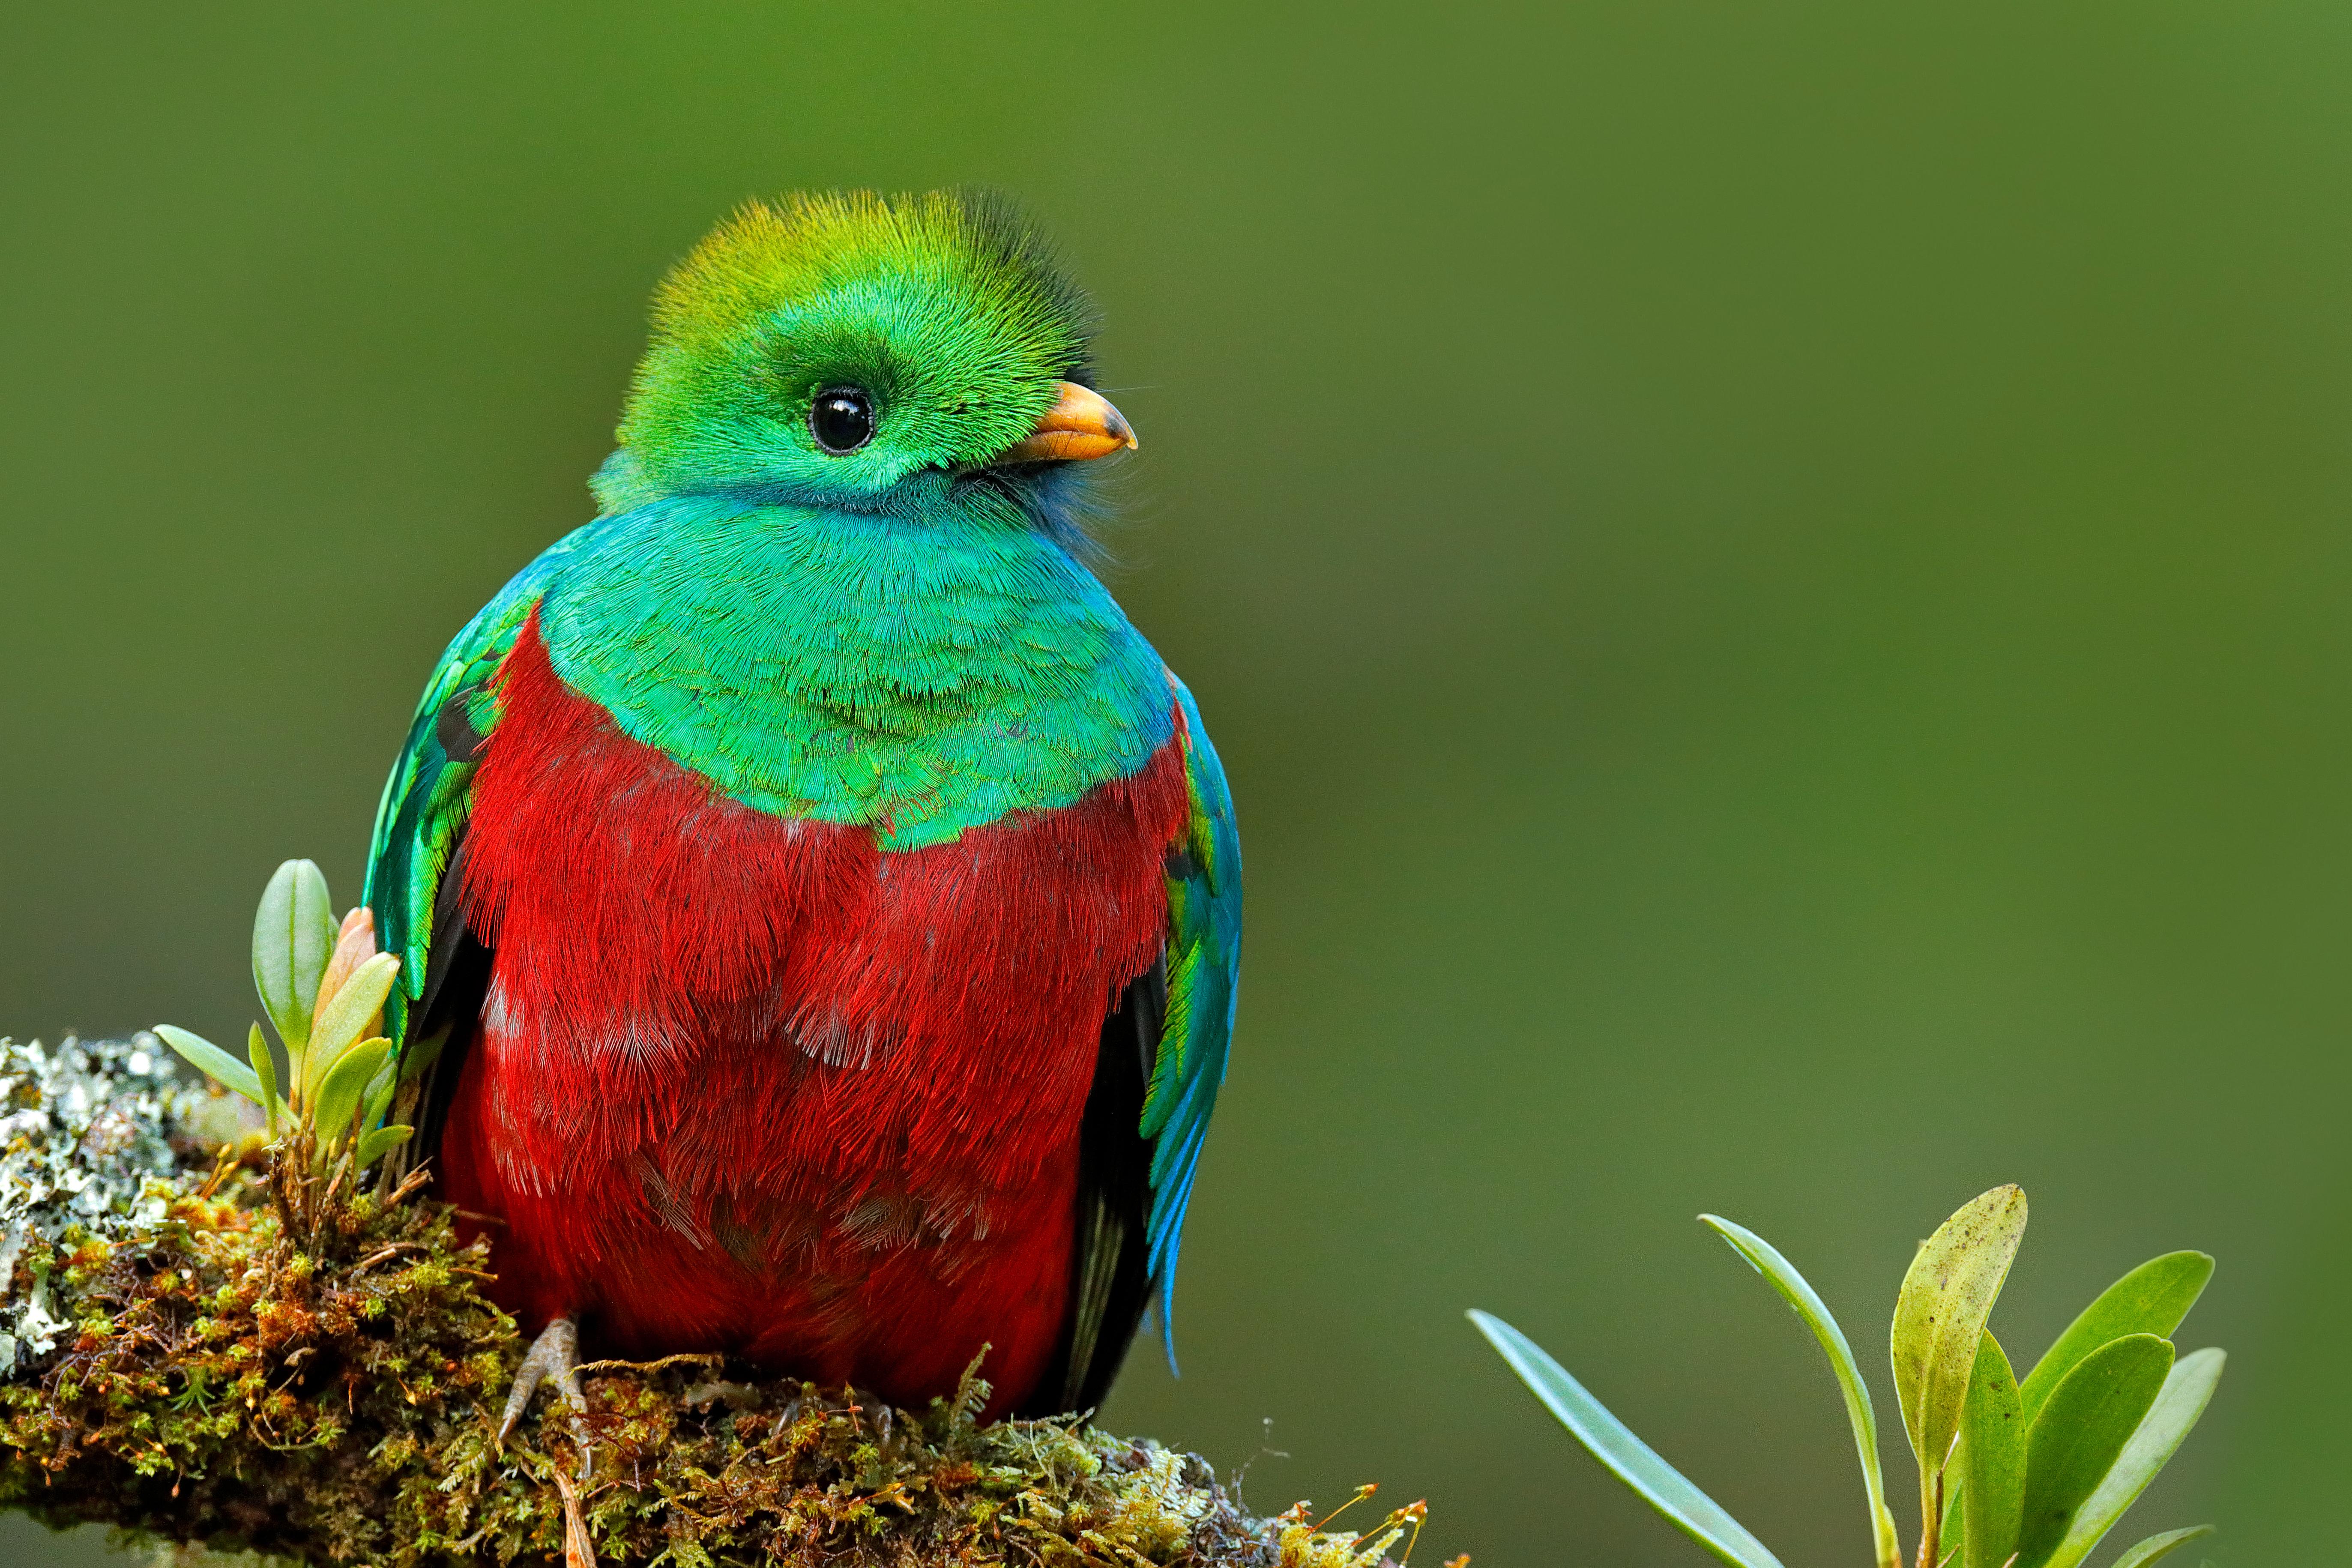 En busca del quetzal - Guatemala Gran Viaje Siguiendo el Quetzal